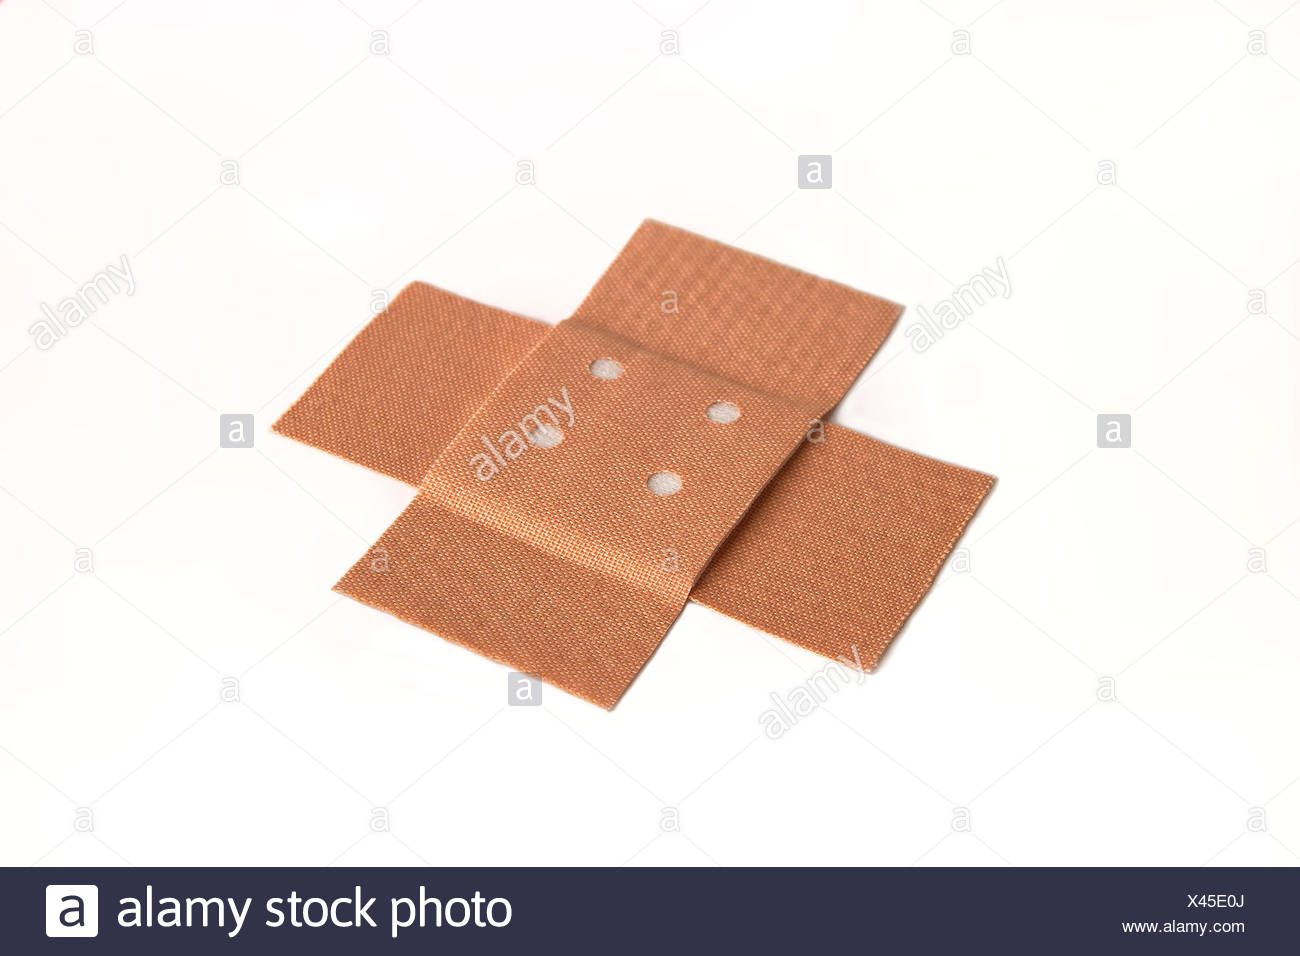 adhesive bandage,plaster,examining Stock Photo